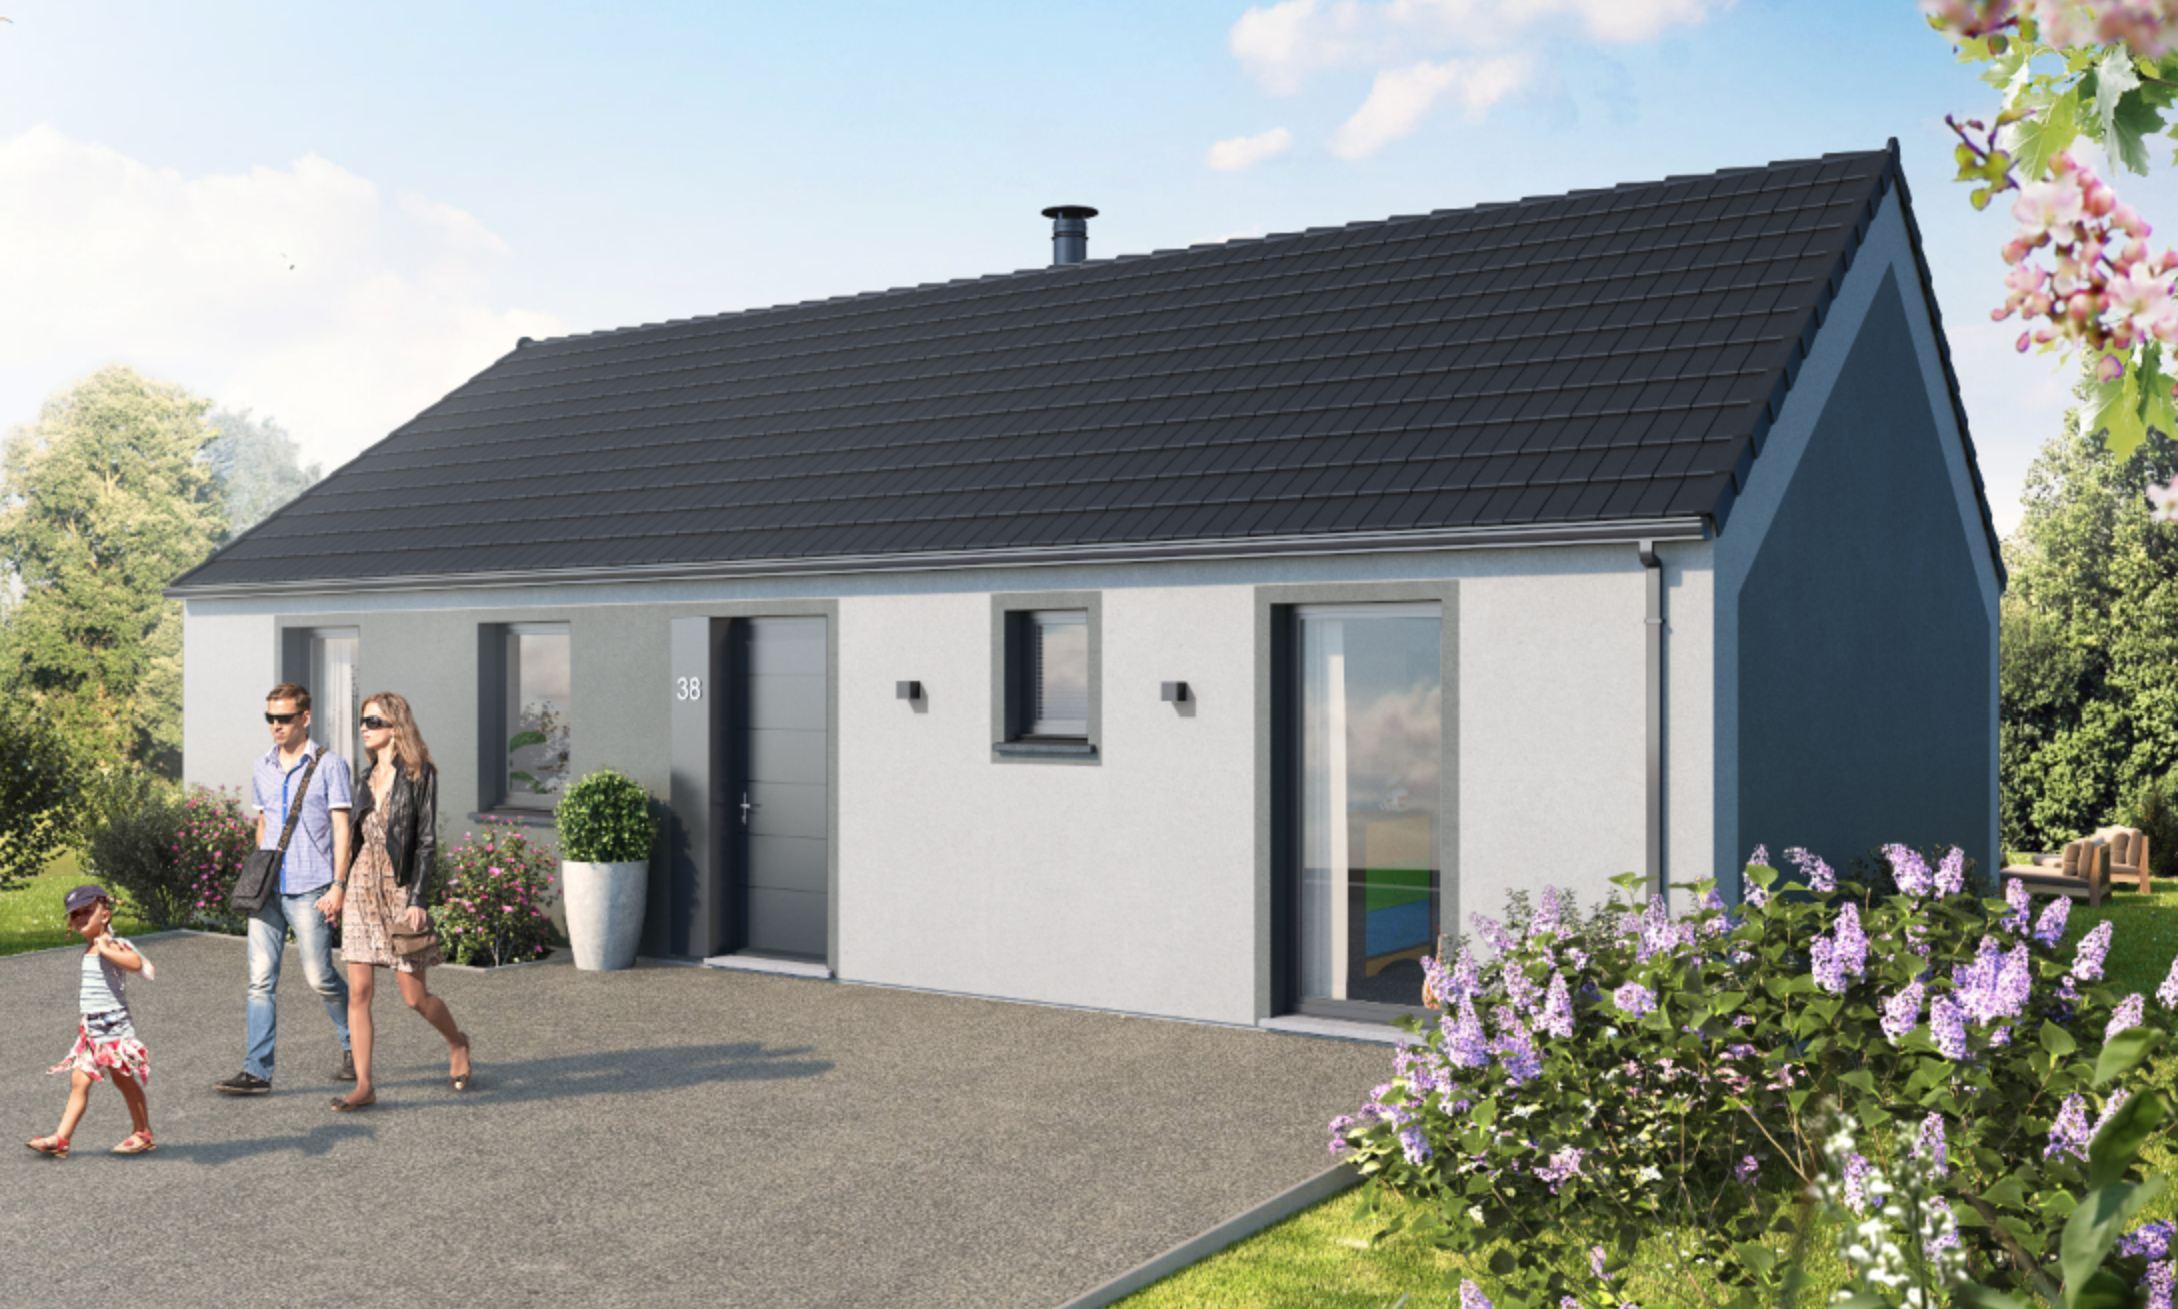 Maisons + Terrains du constructeur MAISON FAMILIALE CAEN • 84 m² • ARLEUX